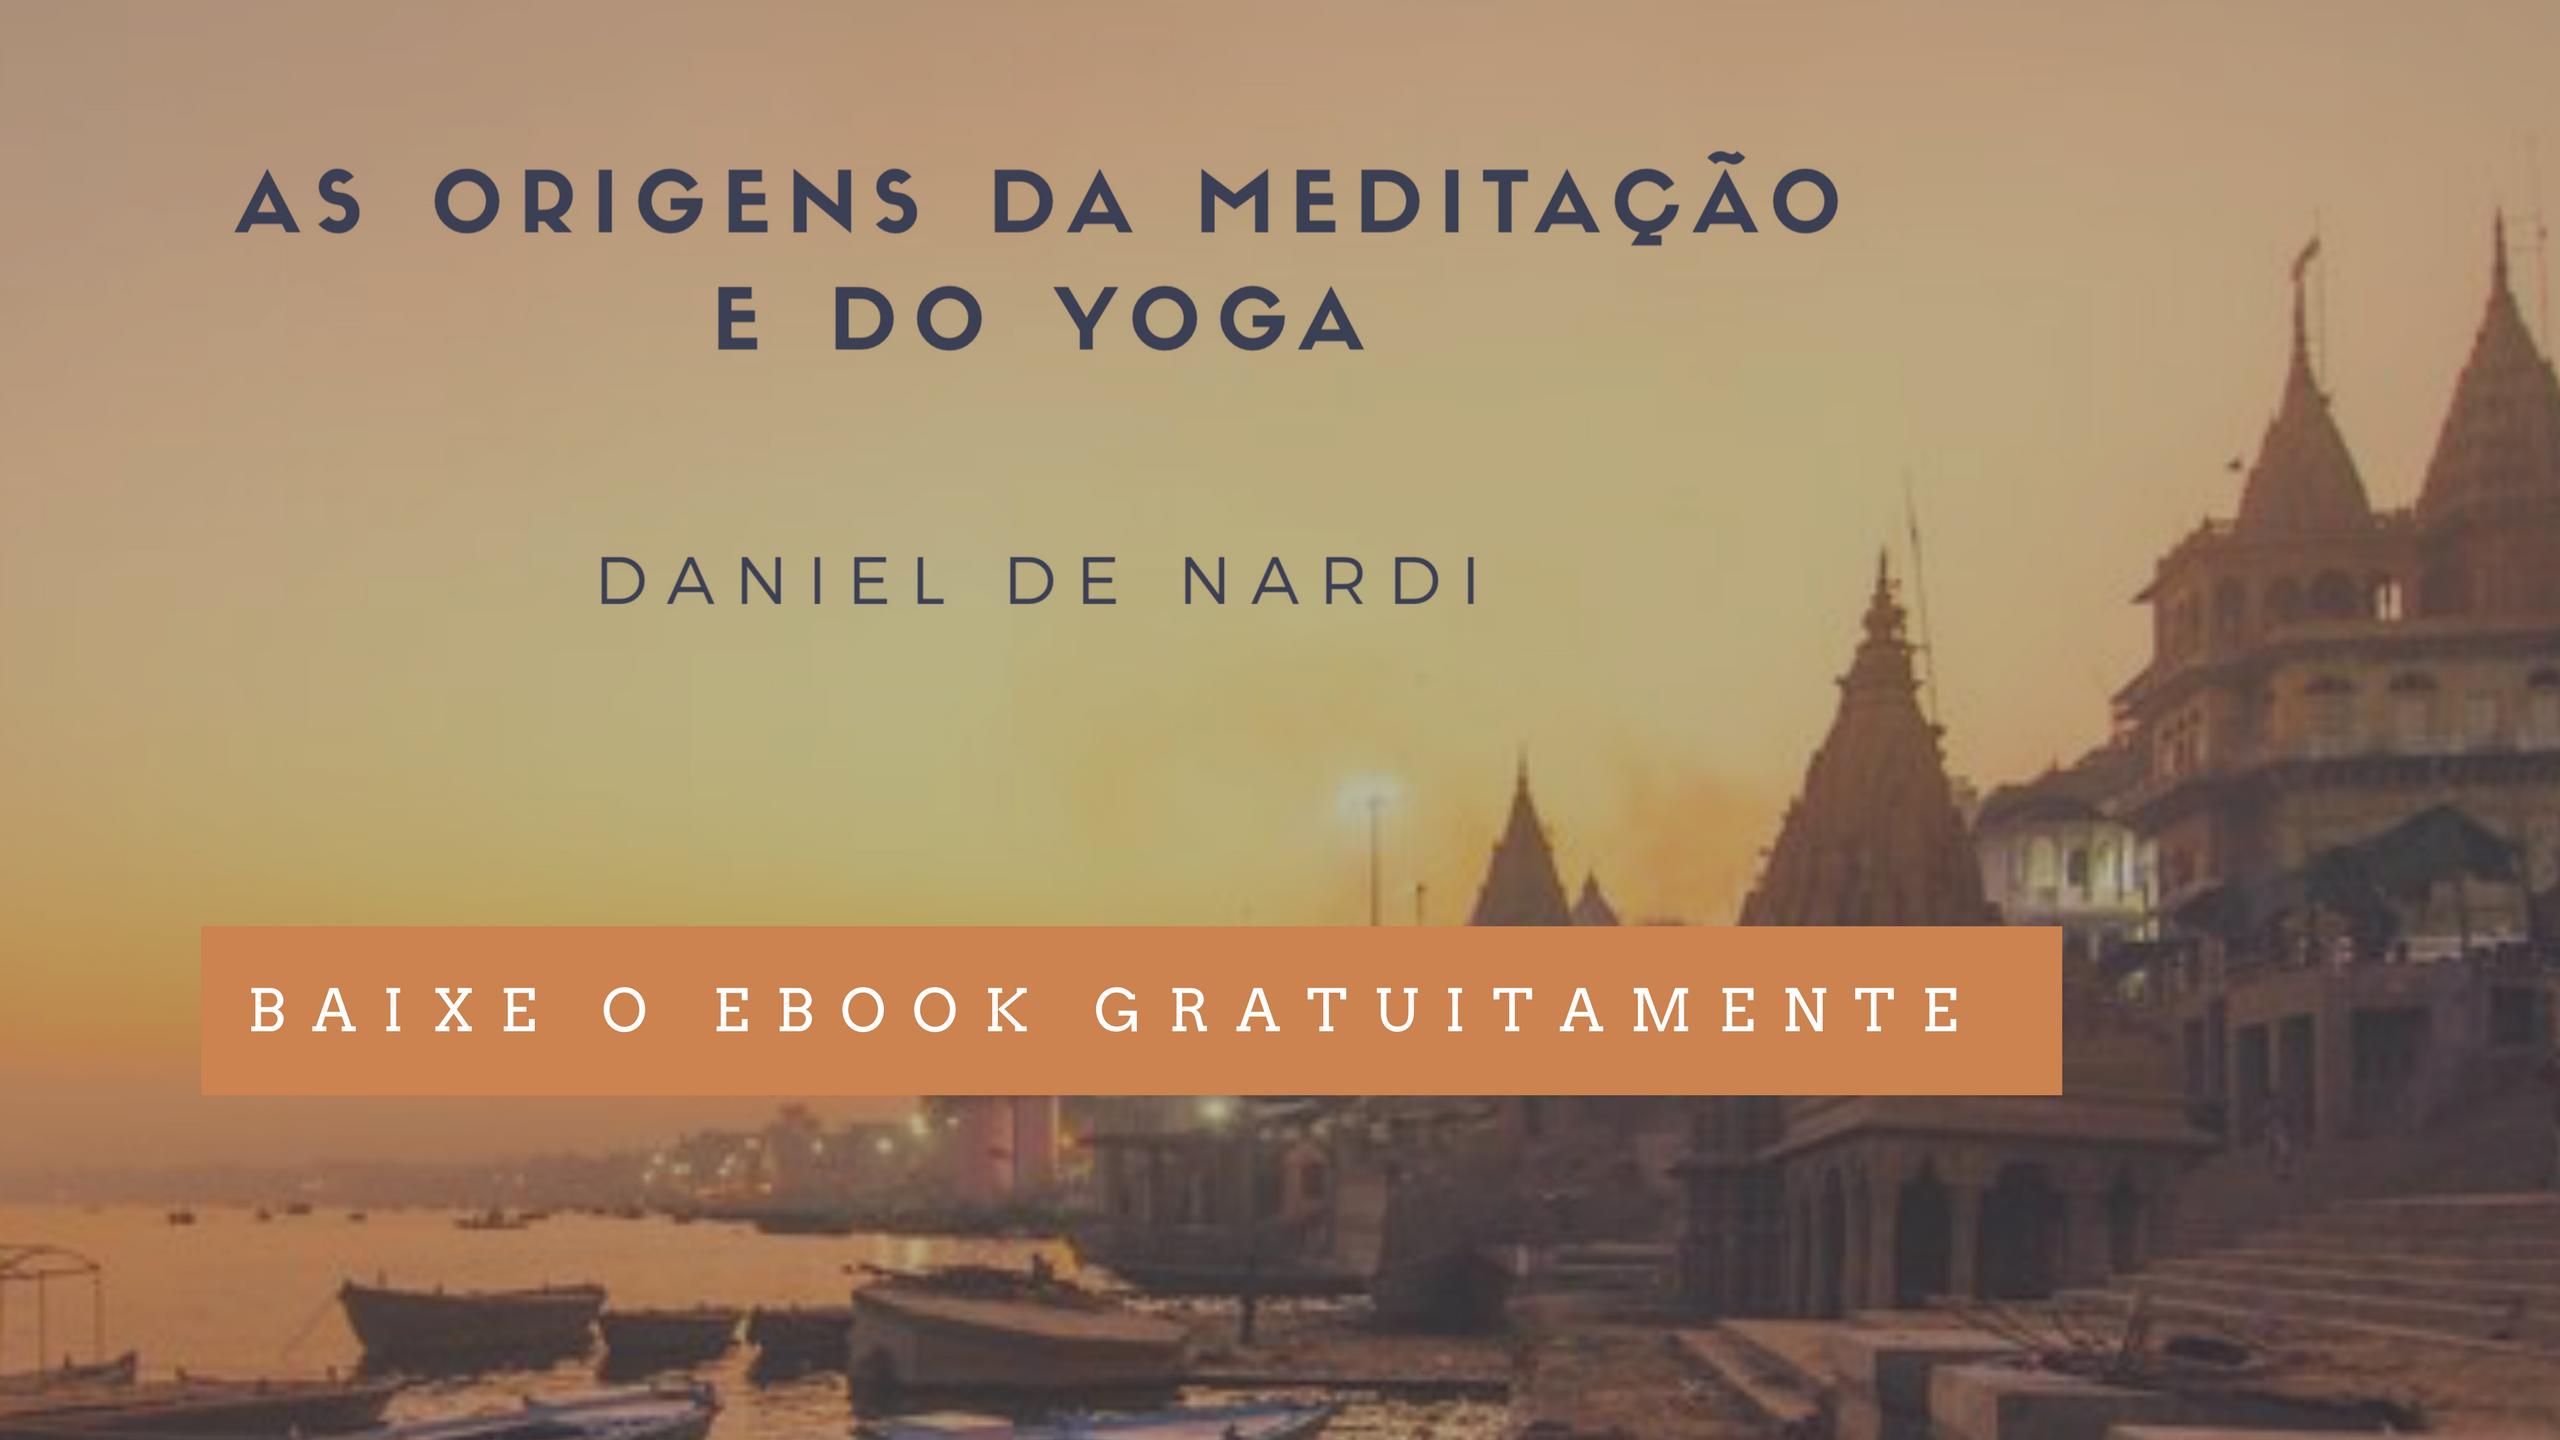 ebook gratuito as origens da meditação e do yoga